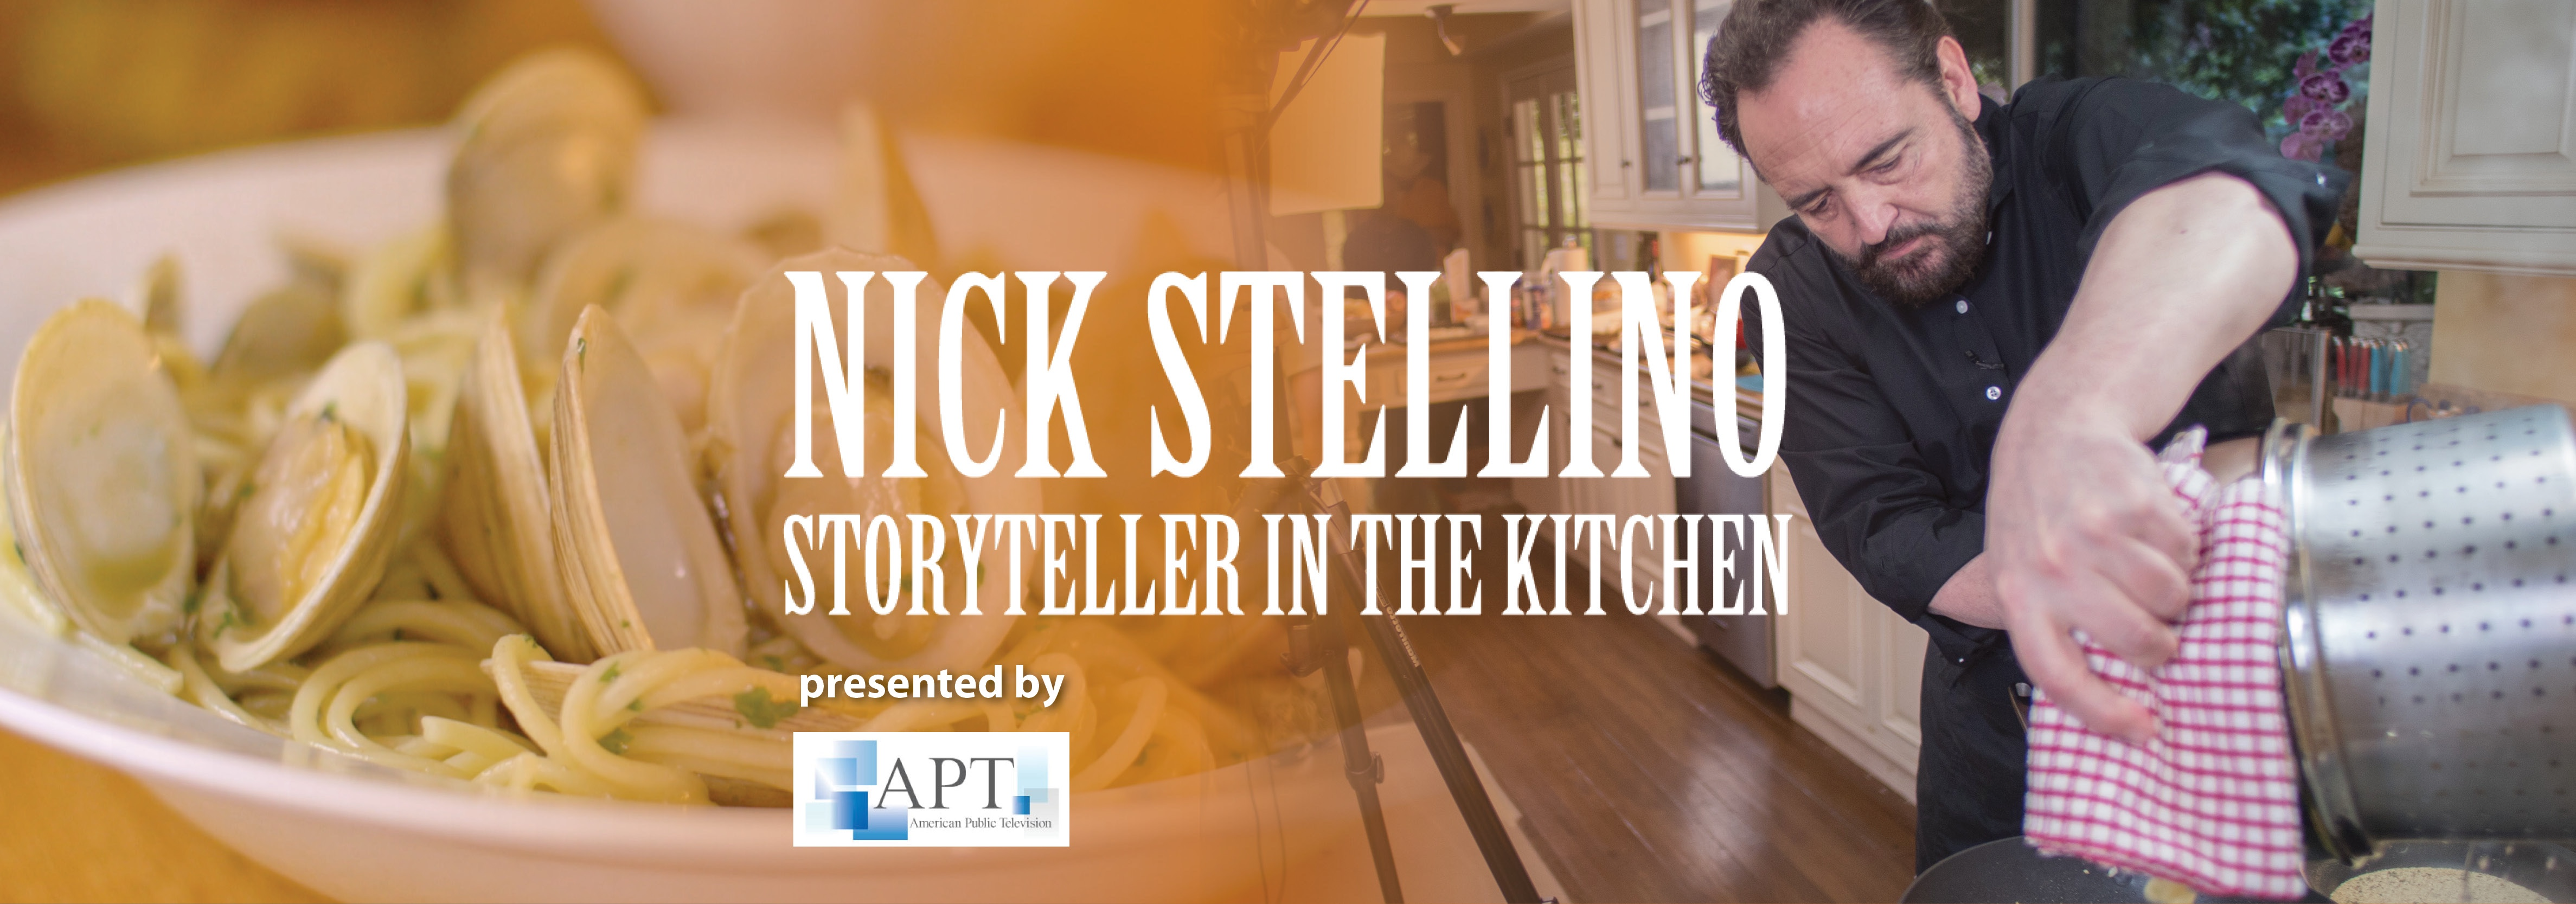 Nick Stellino generic slider